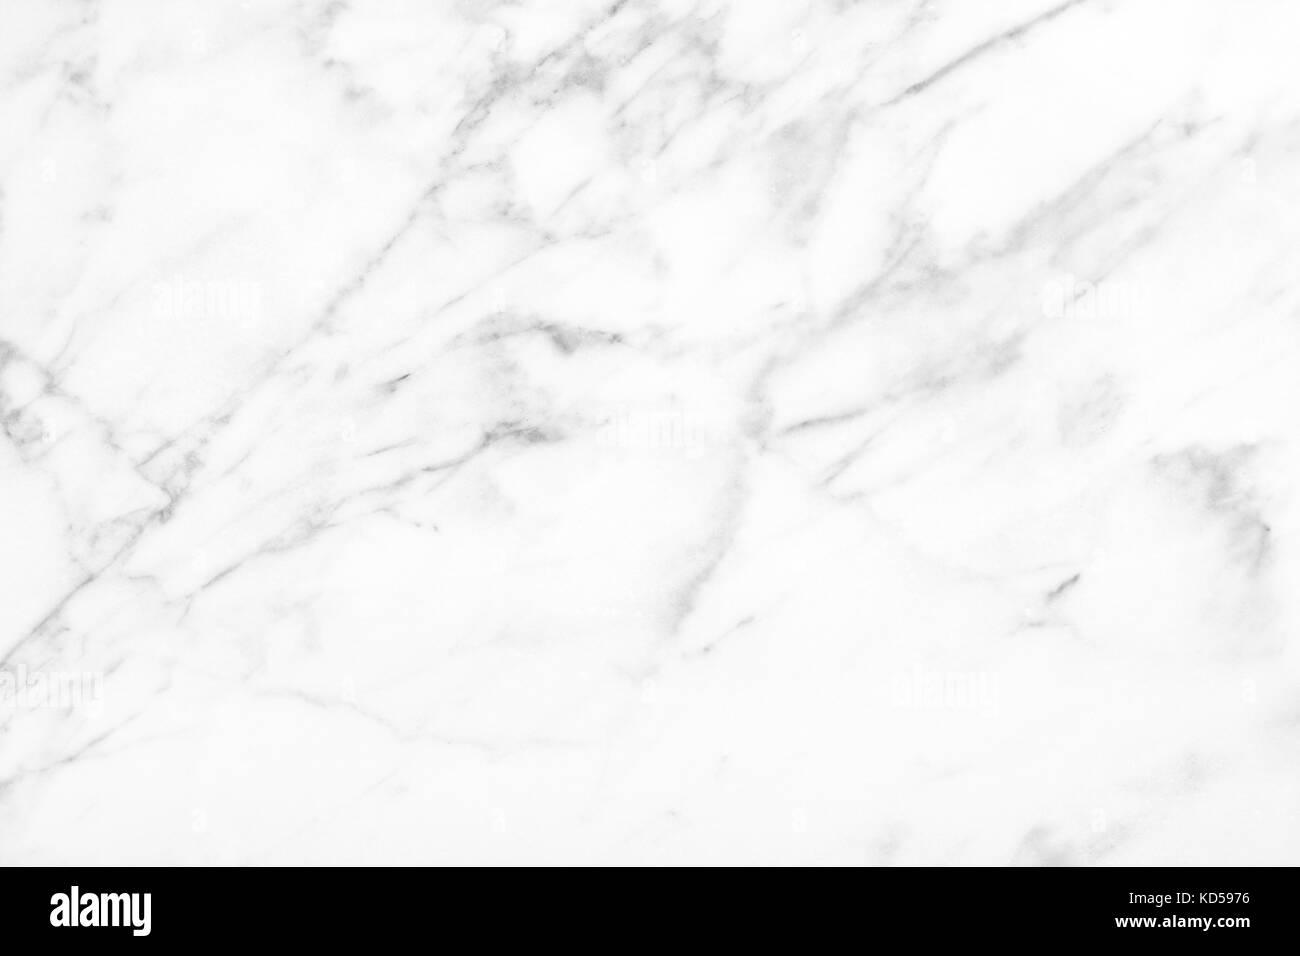 Bagni In Marmo Di Carrara : Il marmo bianco di carrara luce naturale per il bagno o la cucina